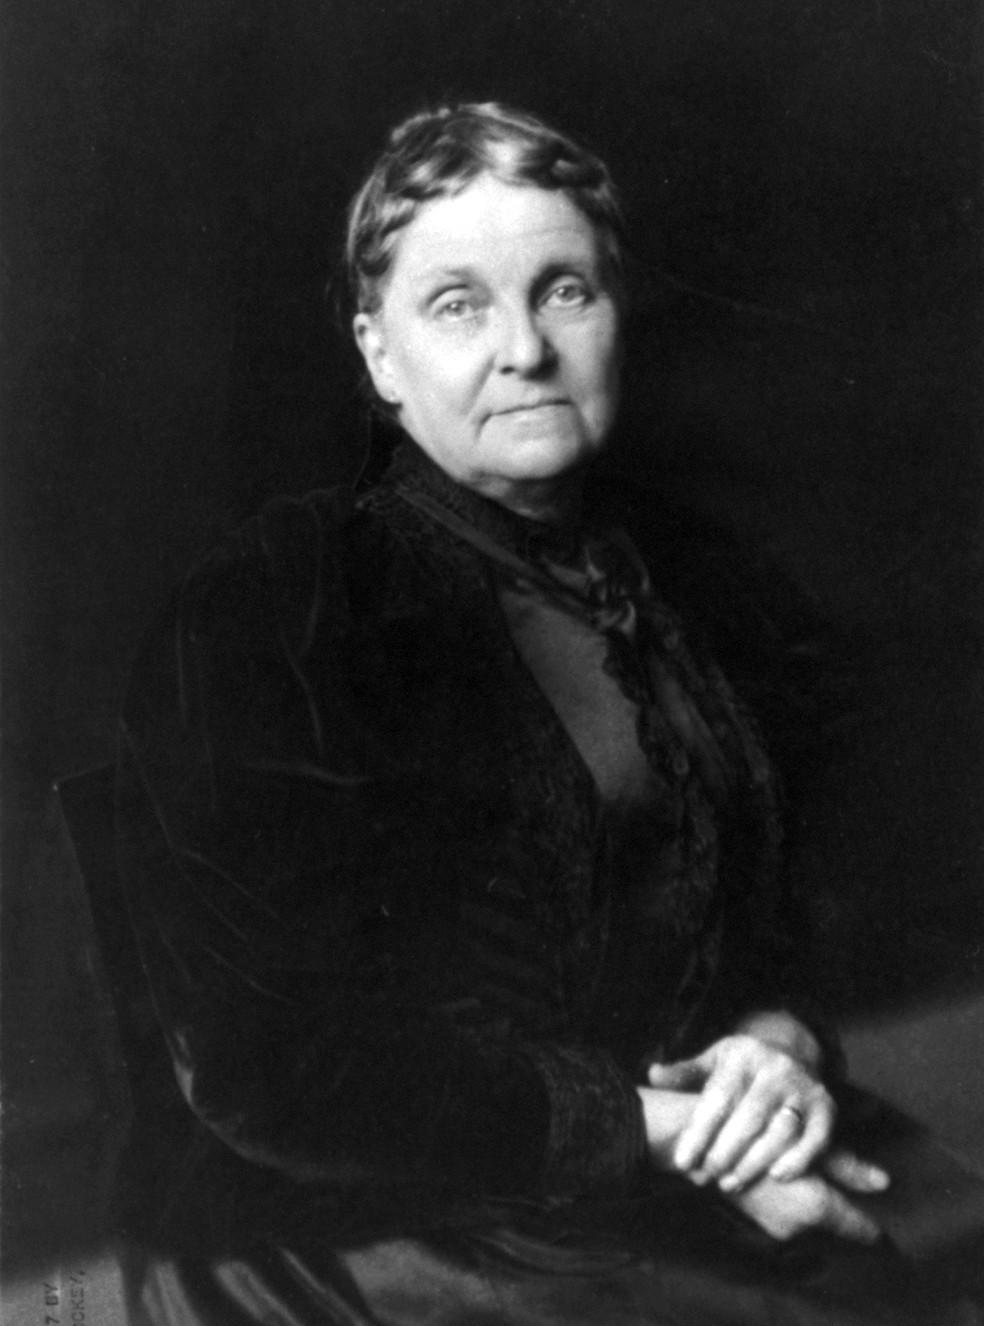 Retrato de Hetty Green. — Foto: Livraria do Congresso dos EUA/Domínio público